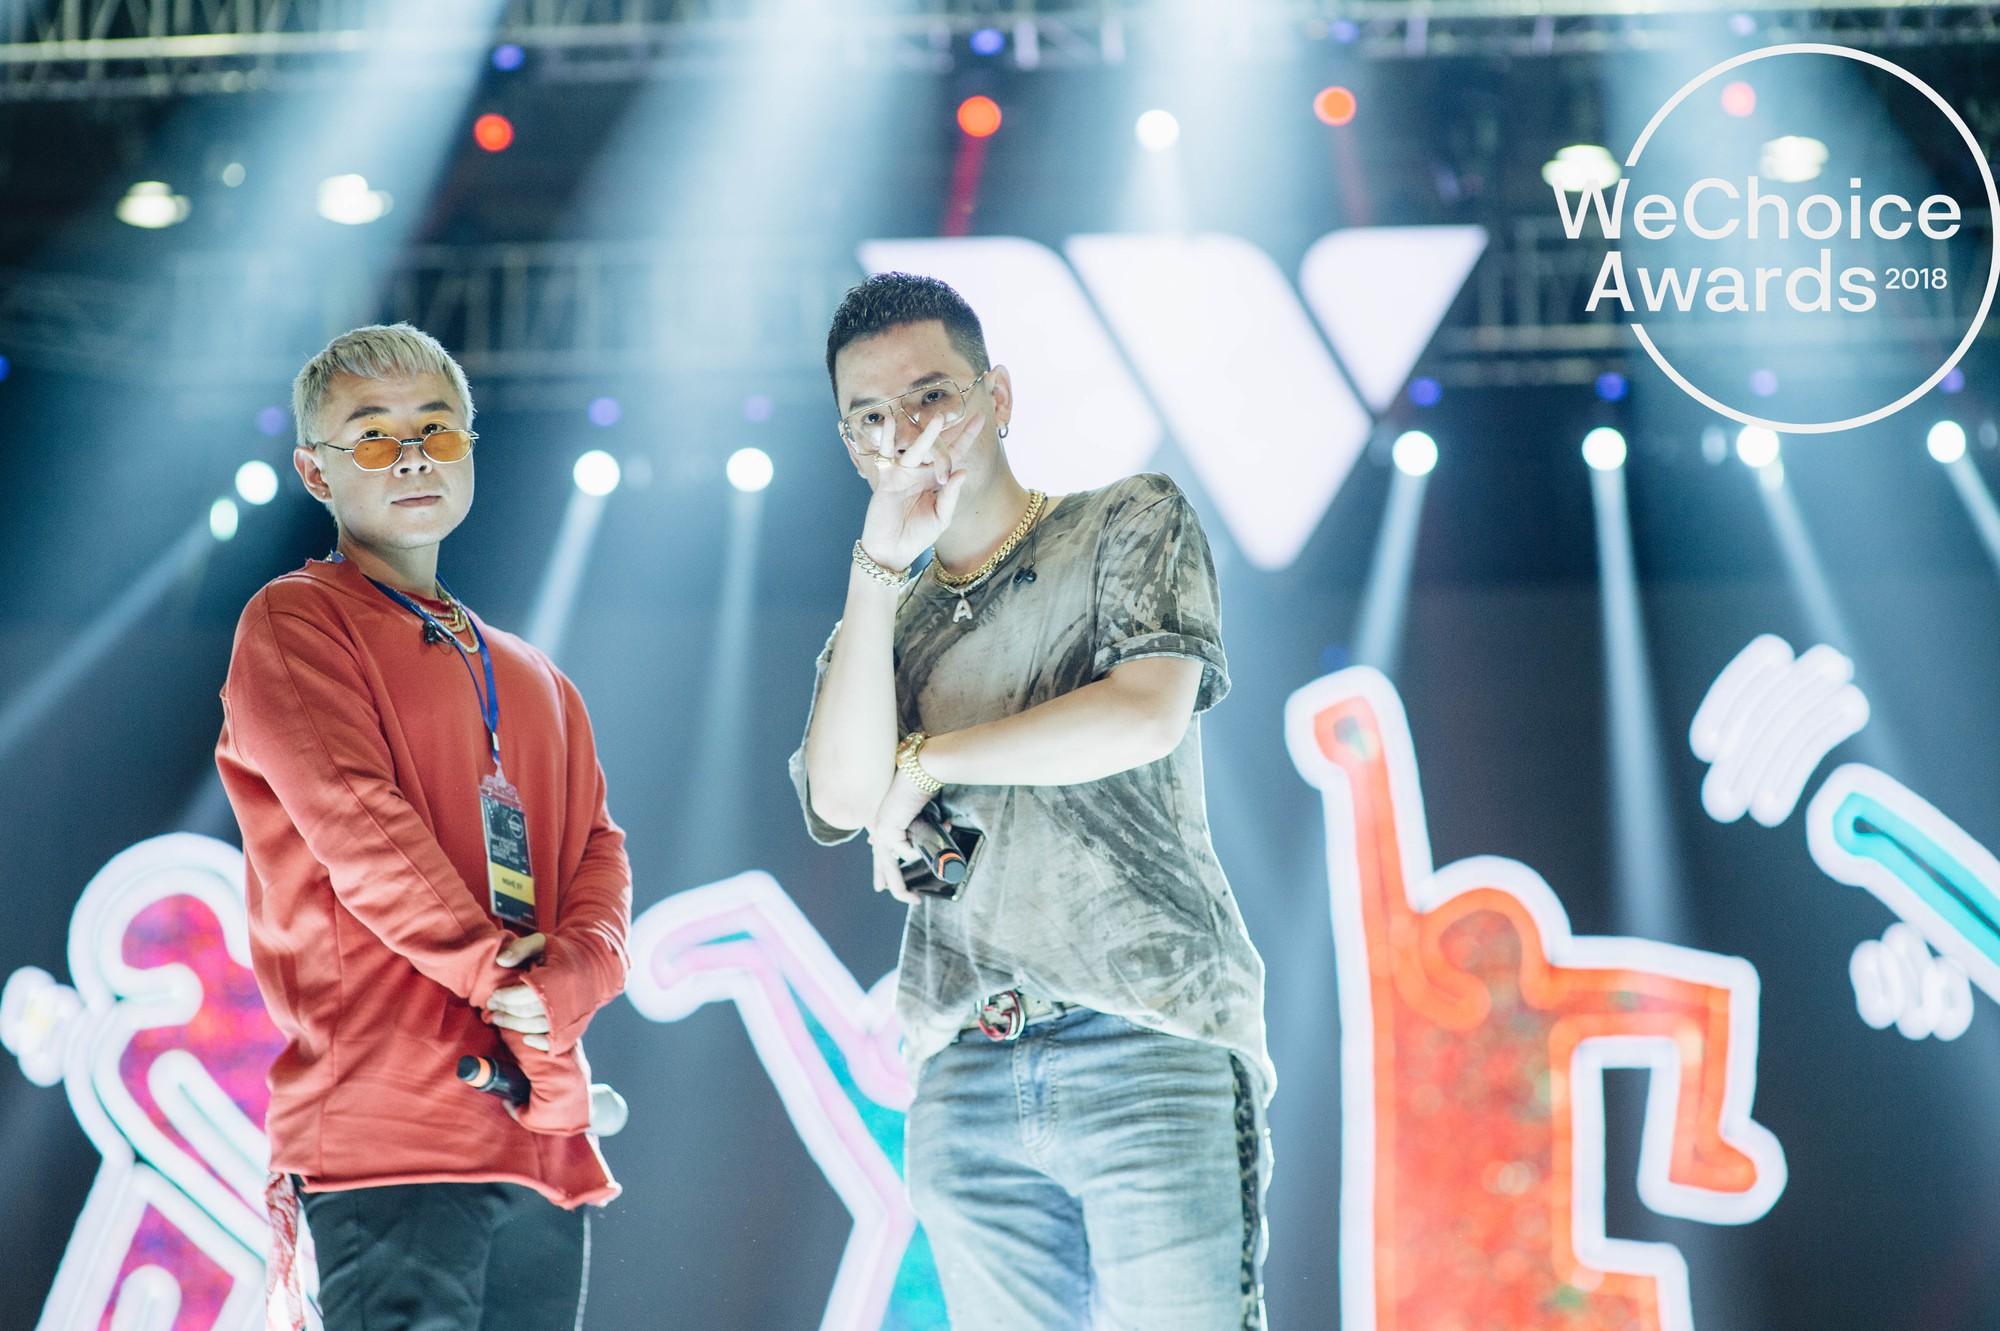 Trước giờ G, ngắm loạt khoảnh khắc đầy cảm xúc của dàn nghệ sĩ tại buổi tổng duyệt Gala Wechoice Awards 2018 - Ảnh 7.